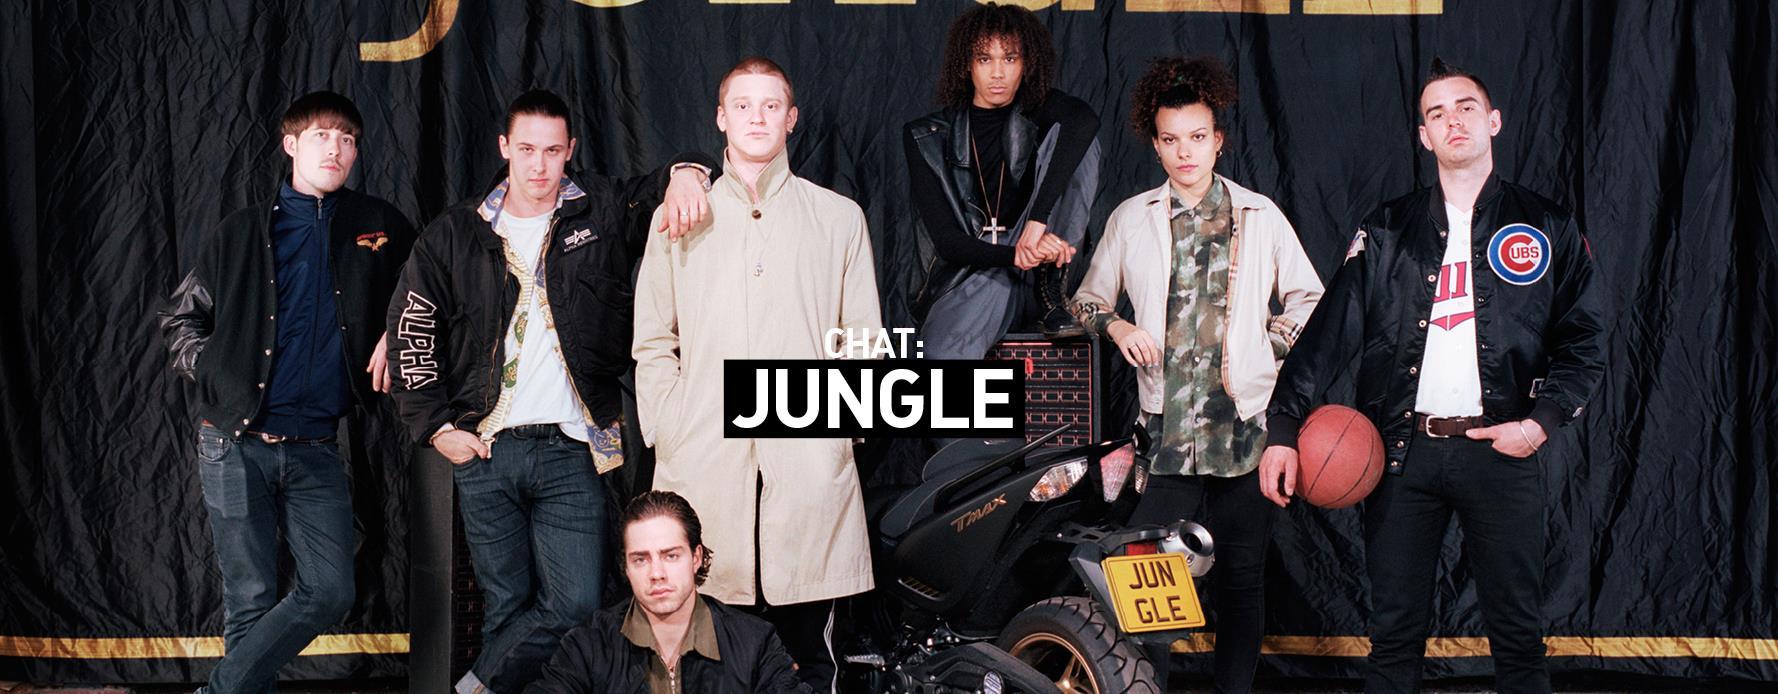 source: Jungle